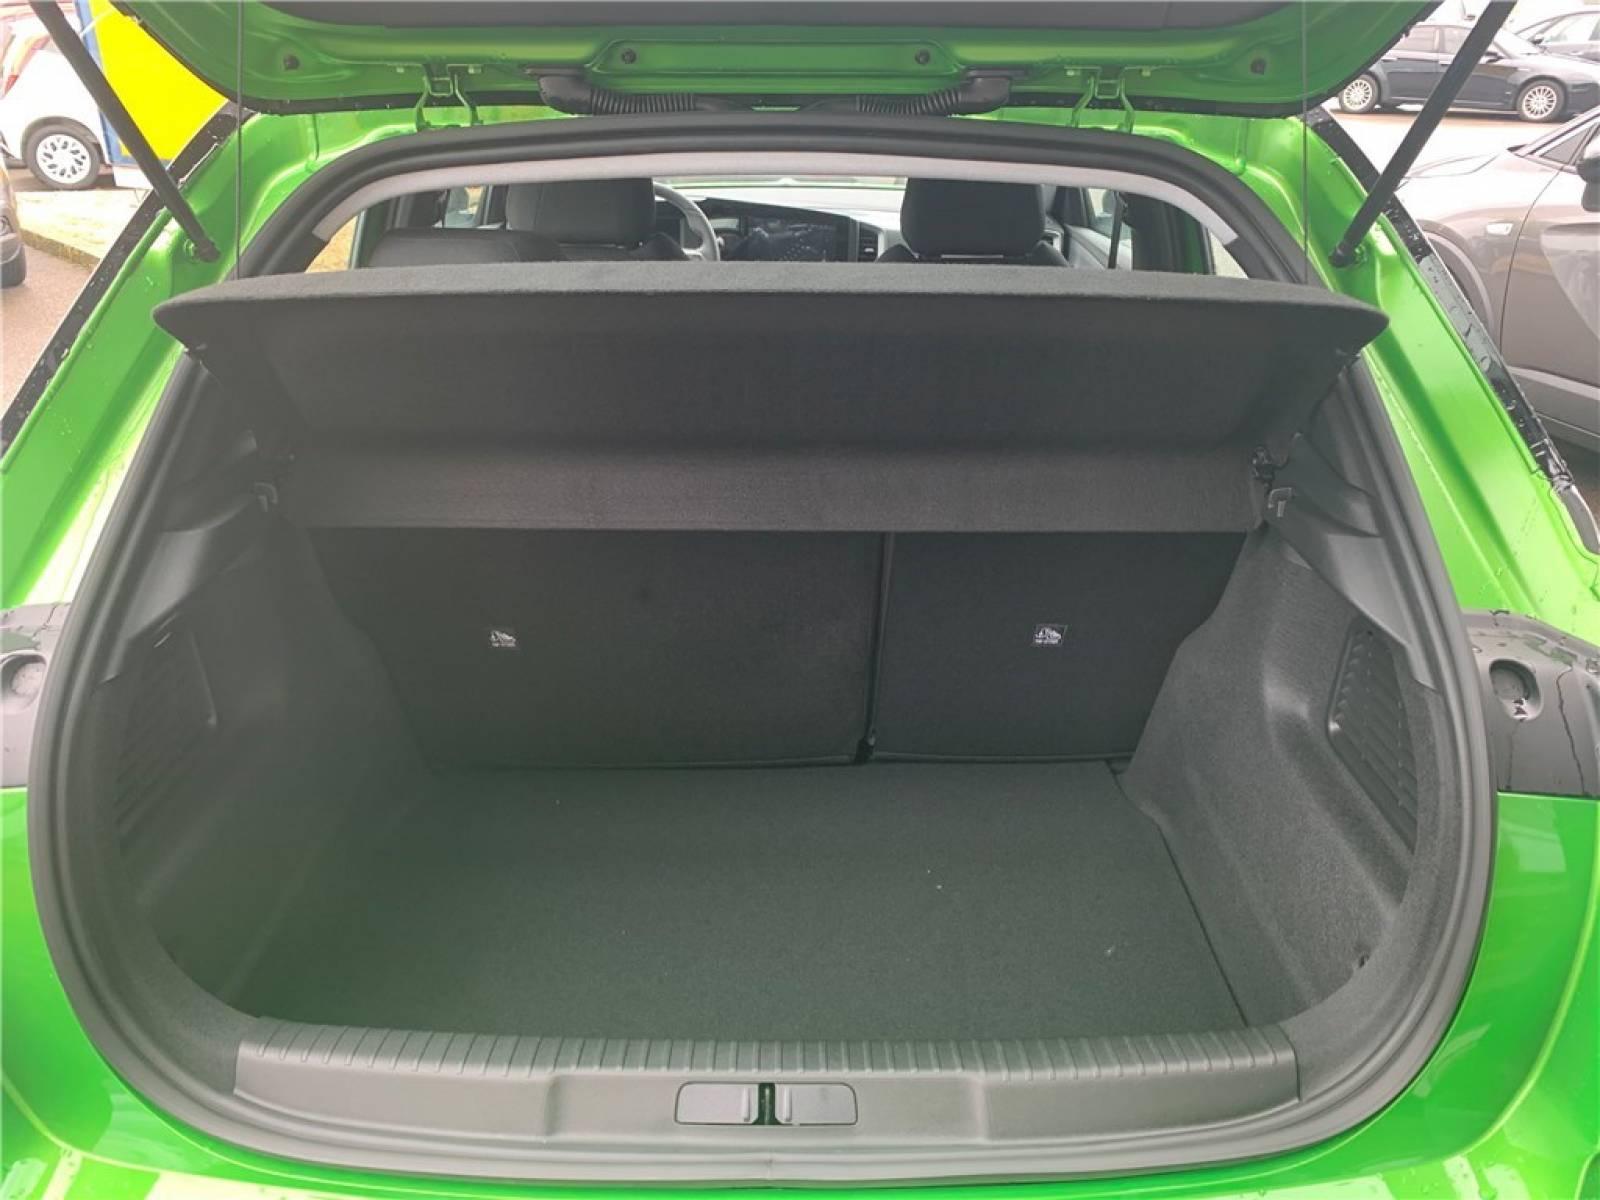 OPEL Mokka 1.2 Turbo 100 ch BVM6 - véhicule d'occasion - Groupe Guillet - Opel Magicauto - Montceau-les-Mines - 71300 - Montceau-les-Mines - 7